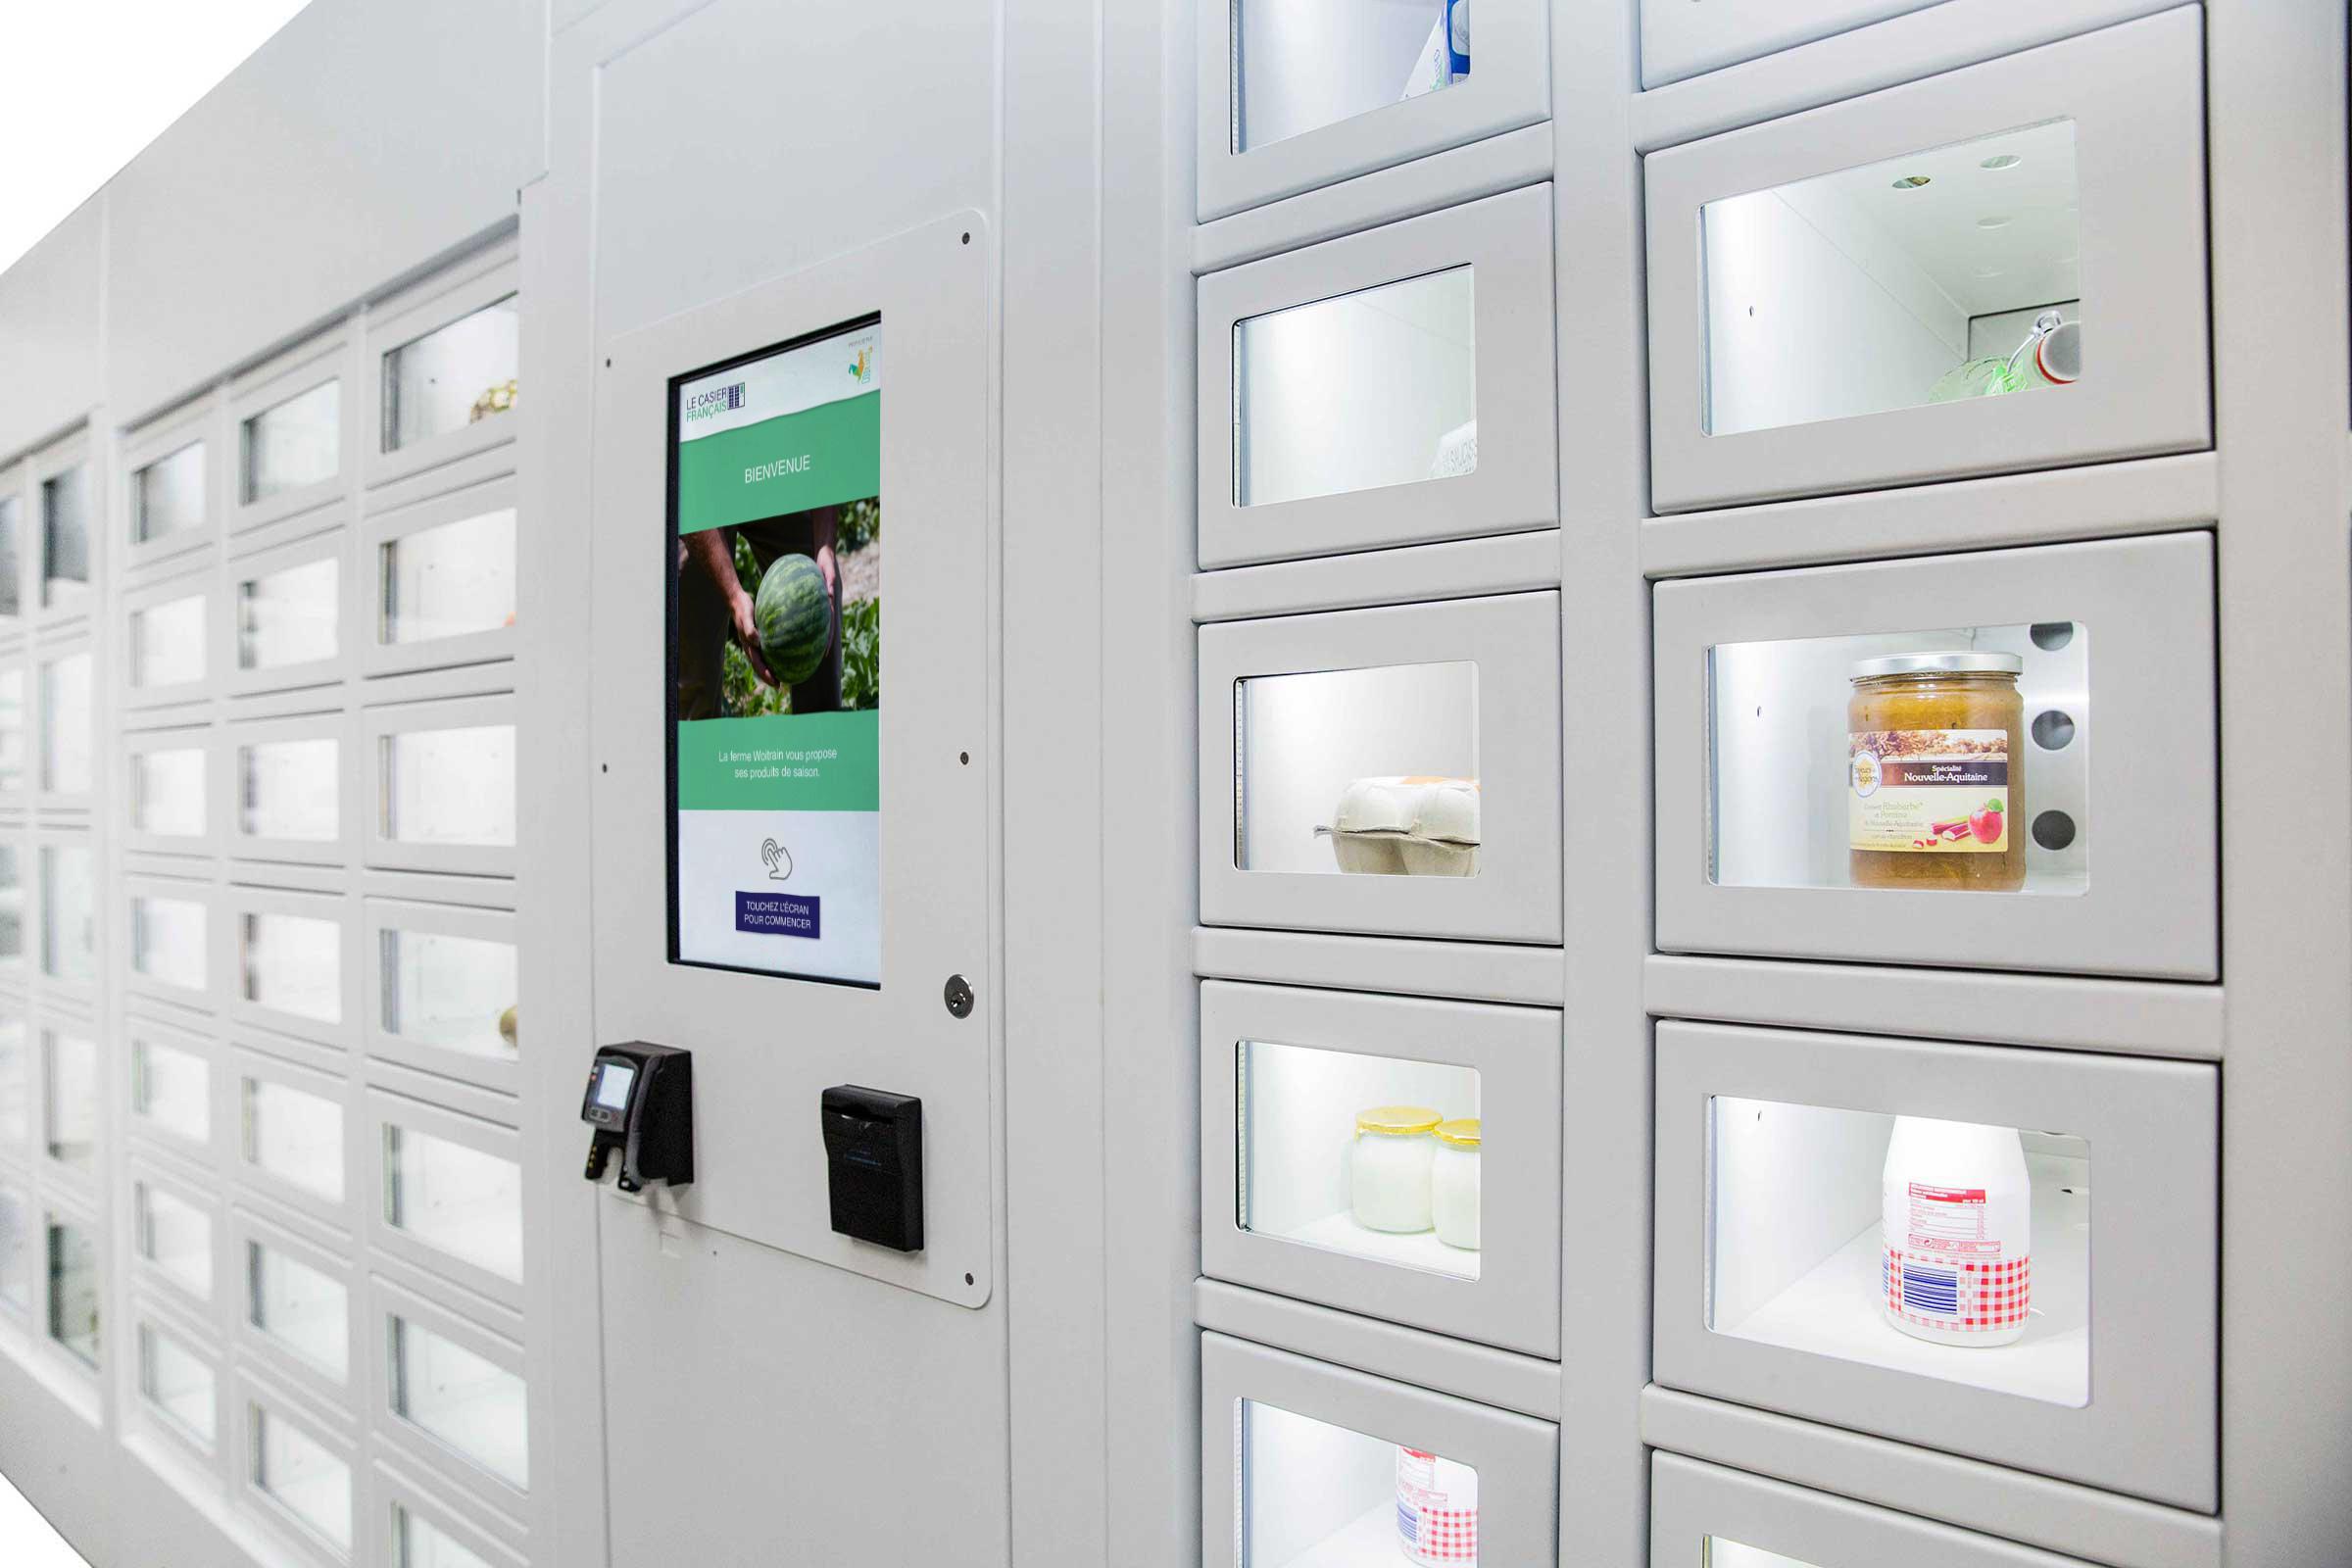 Productos lácteos en una máquina expendedora Le Casier Français